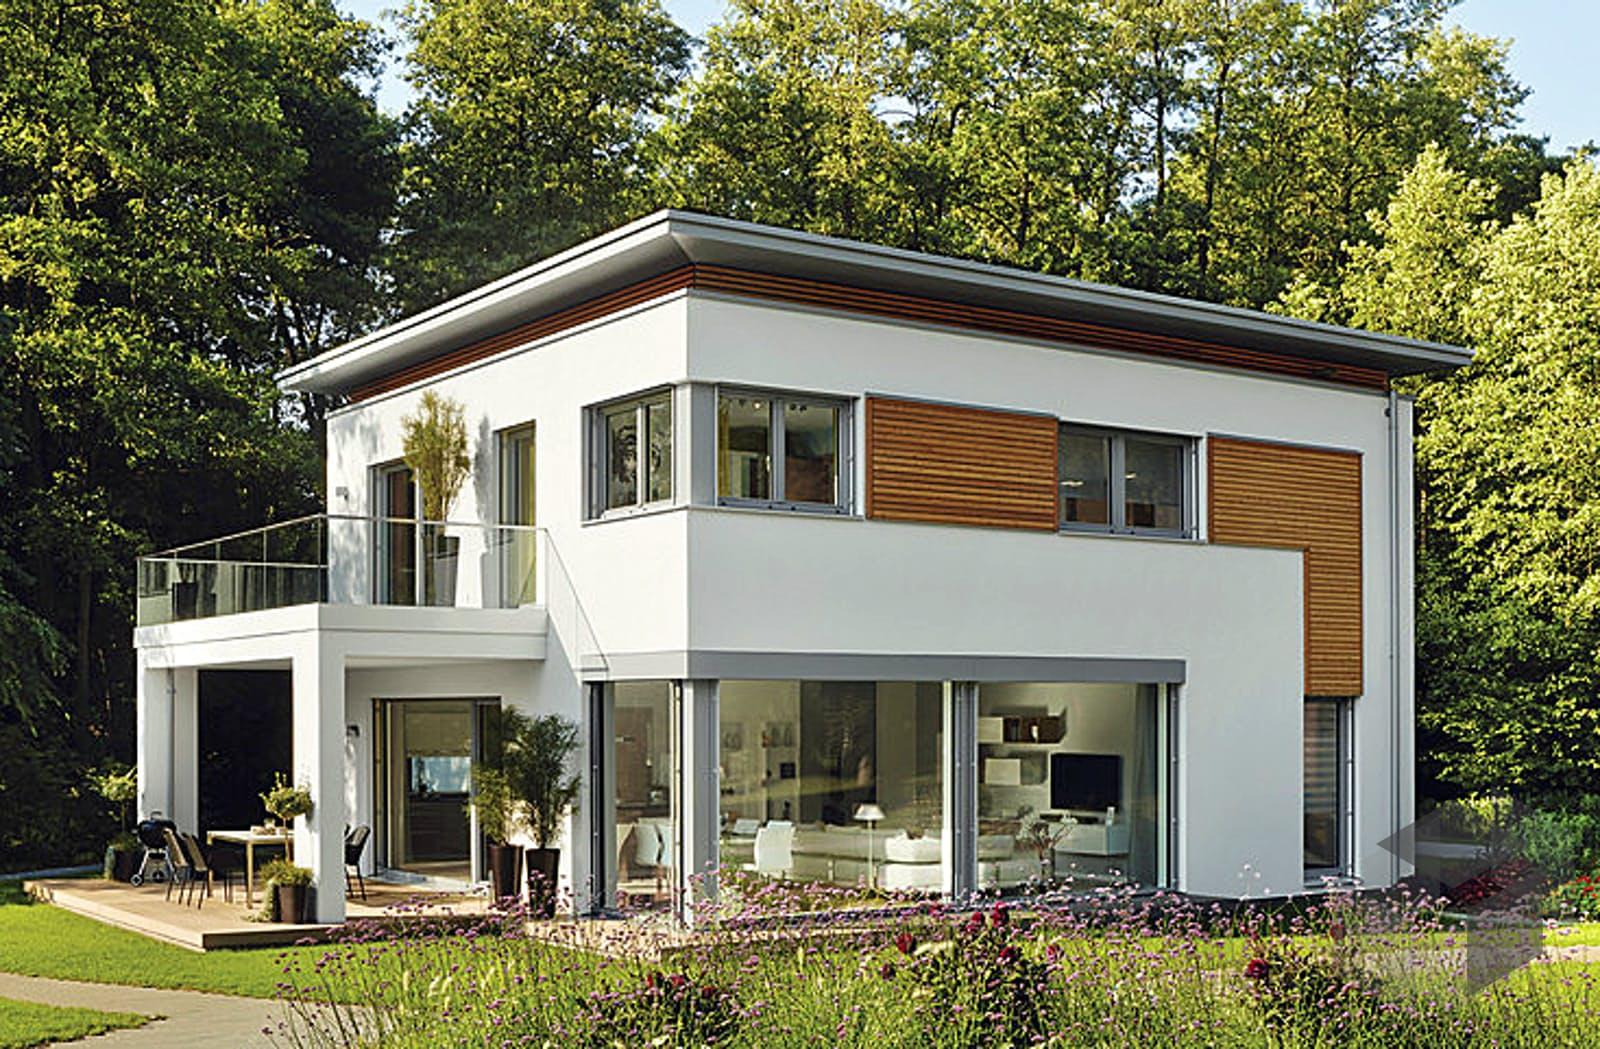 Exceptional Ausstellungshaus Rheinau Linx U2013 CityLife 700 Awesome Ideas